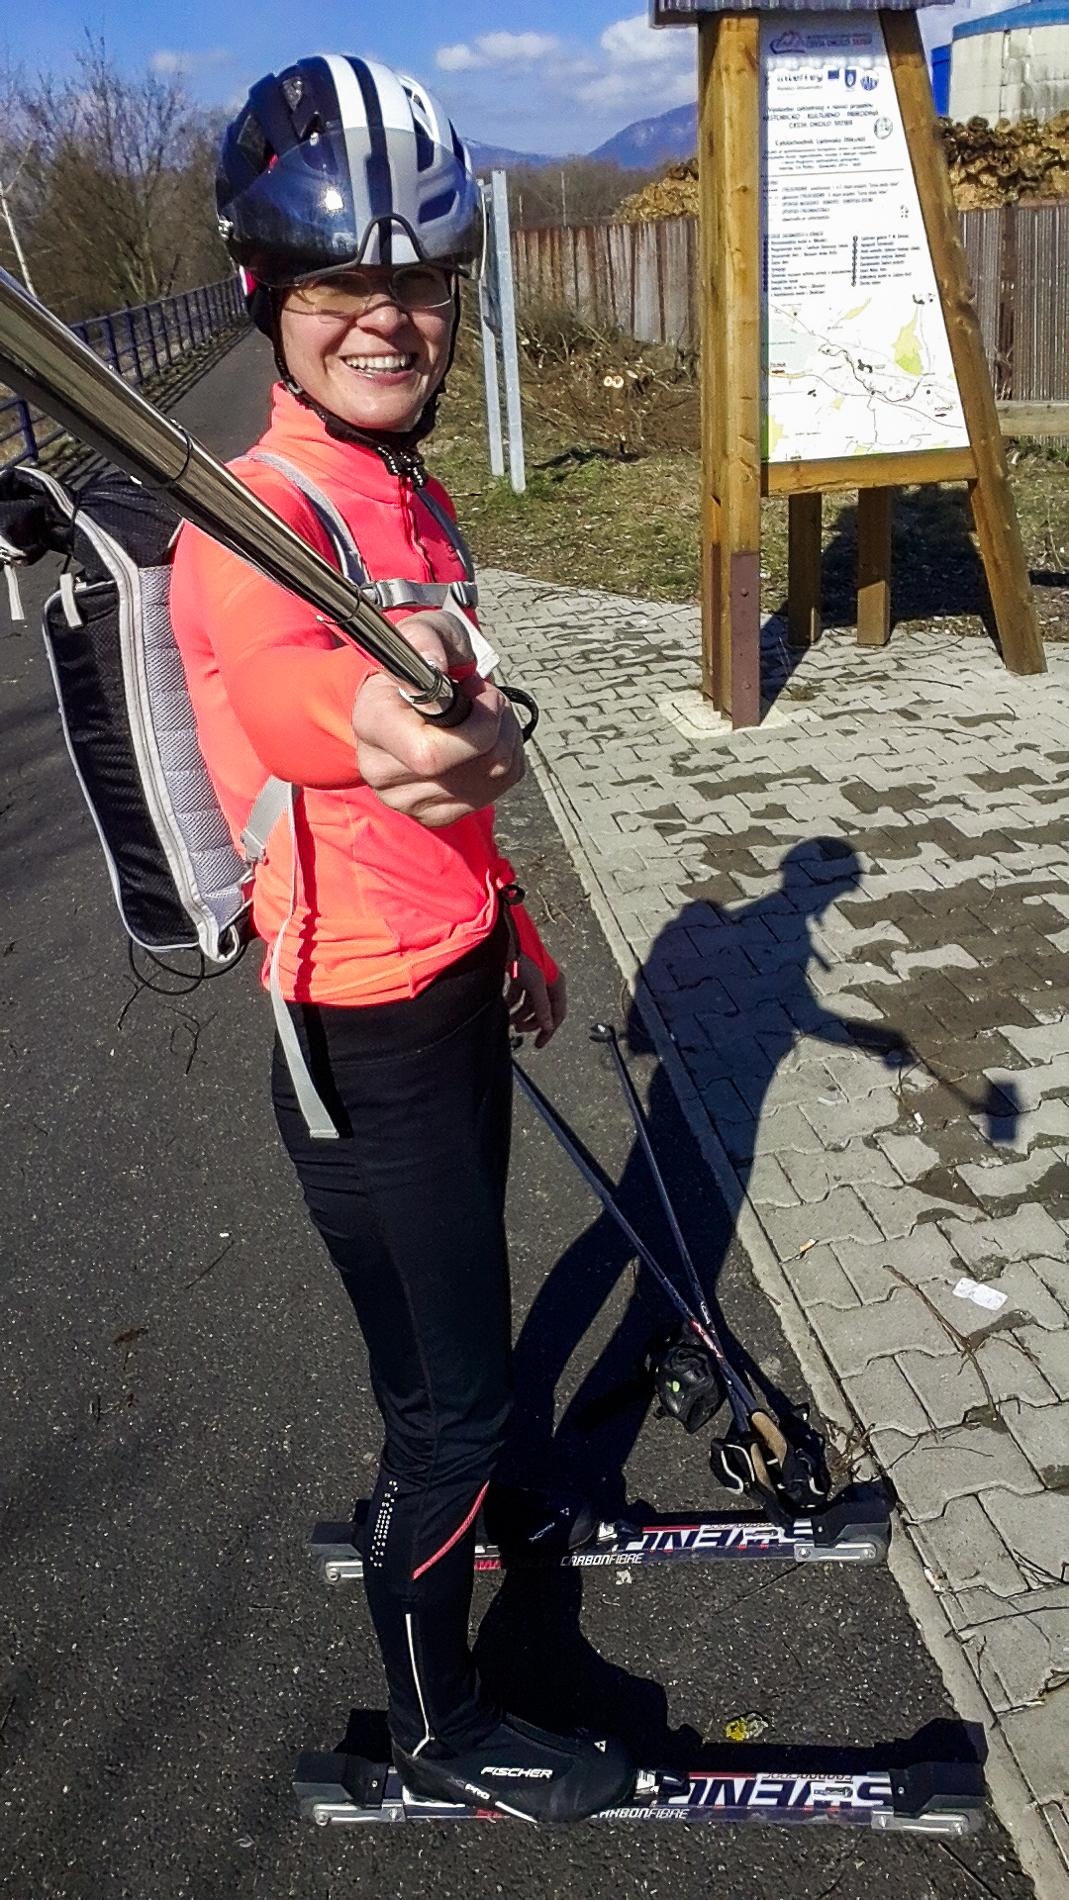 Ppri cykloprístrešku na začiatku cyklochodníka v Liptovskej Ondrašovej